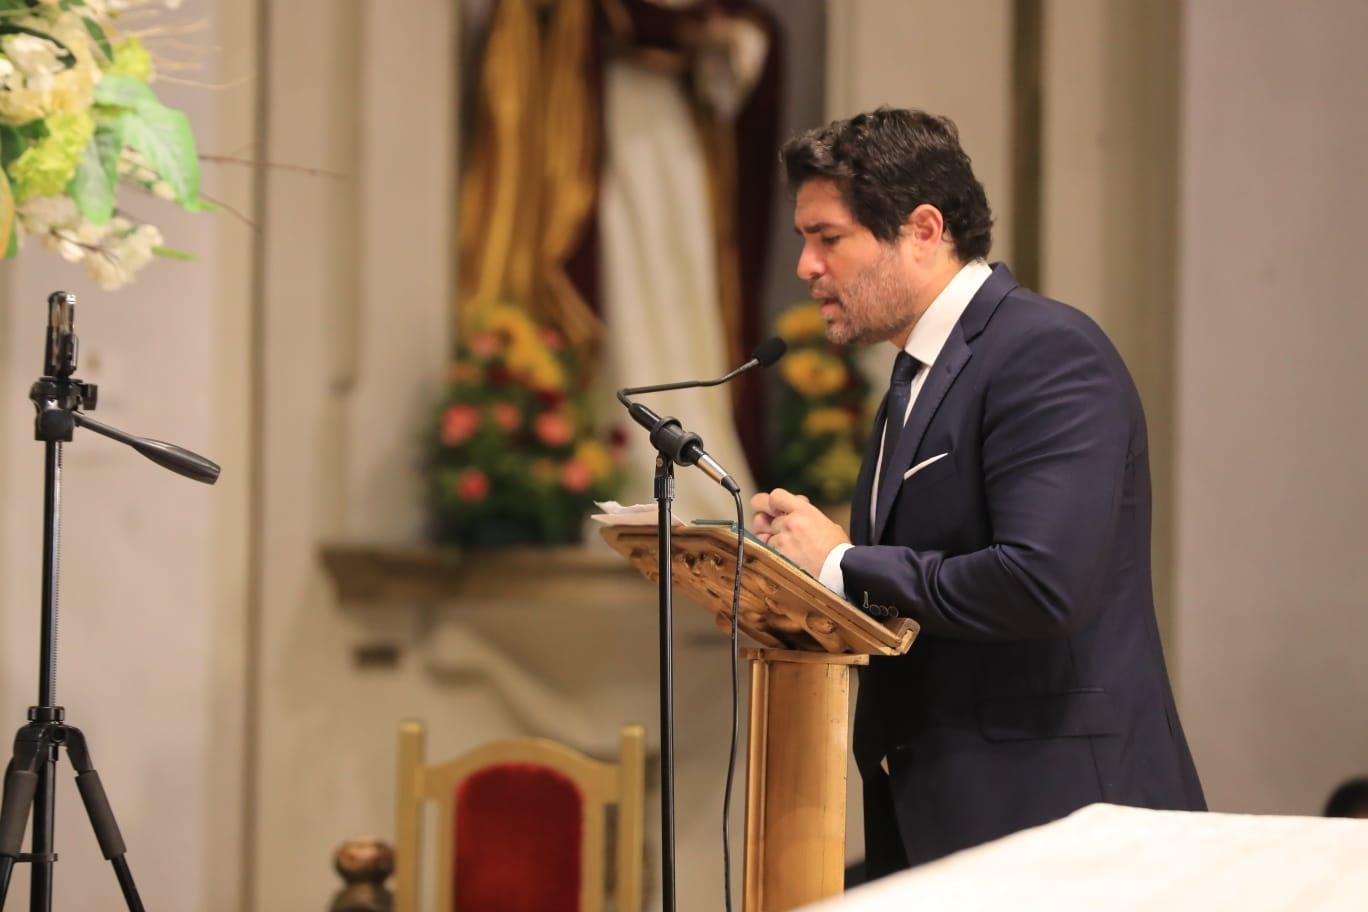 Eduardo Verástegui visita Guatemala, se encuentra con Giammattei y participa en la firma de un consenso a favor de la mujer y la familia - Prensa Libre